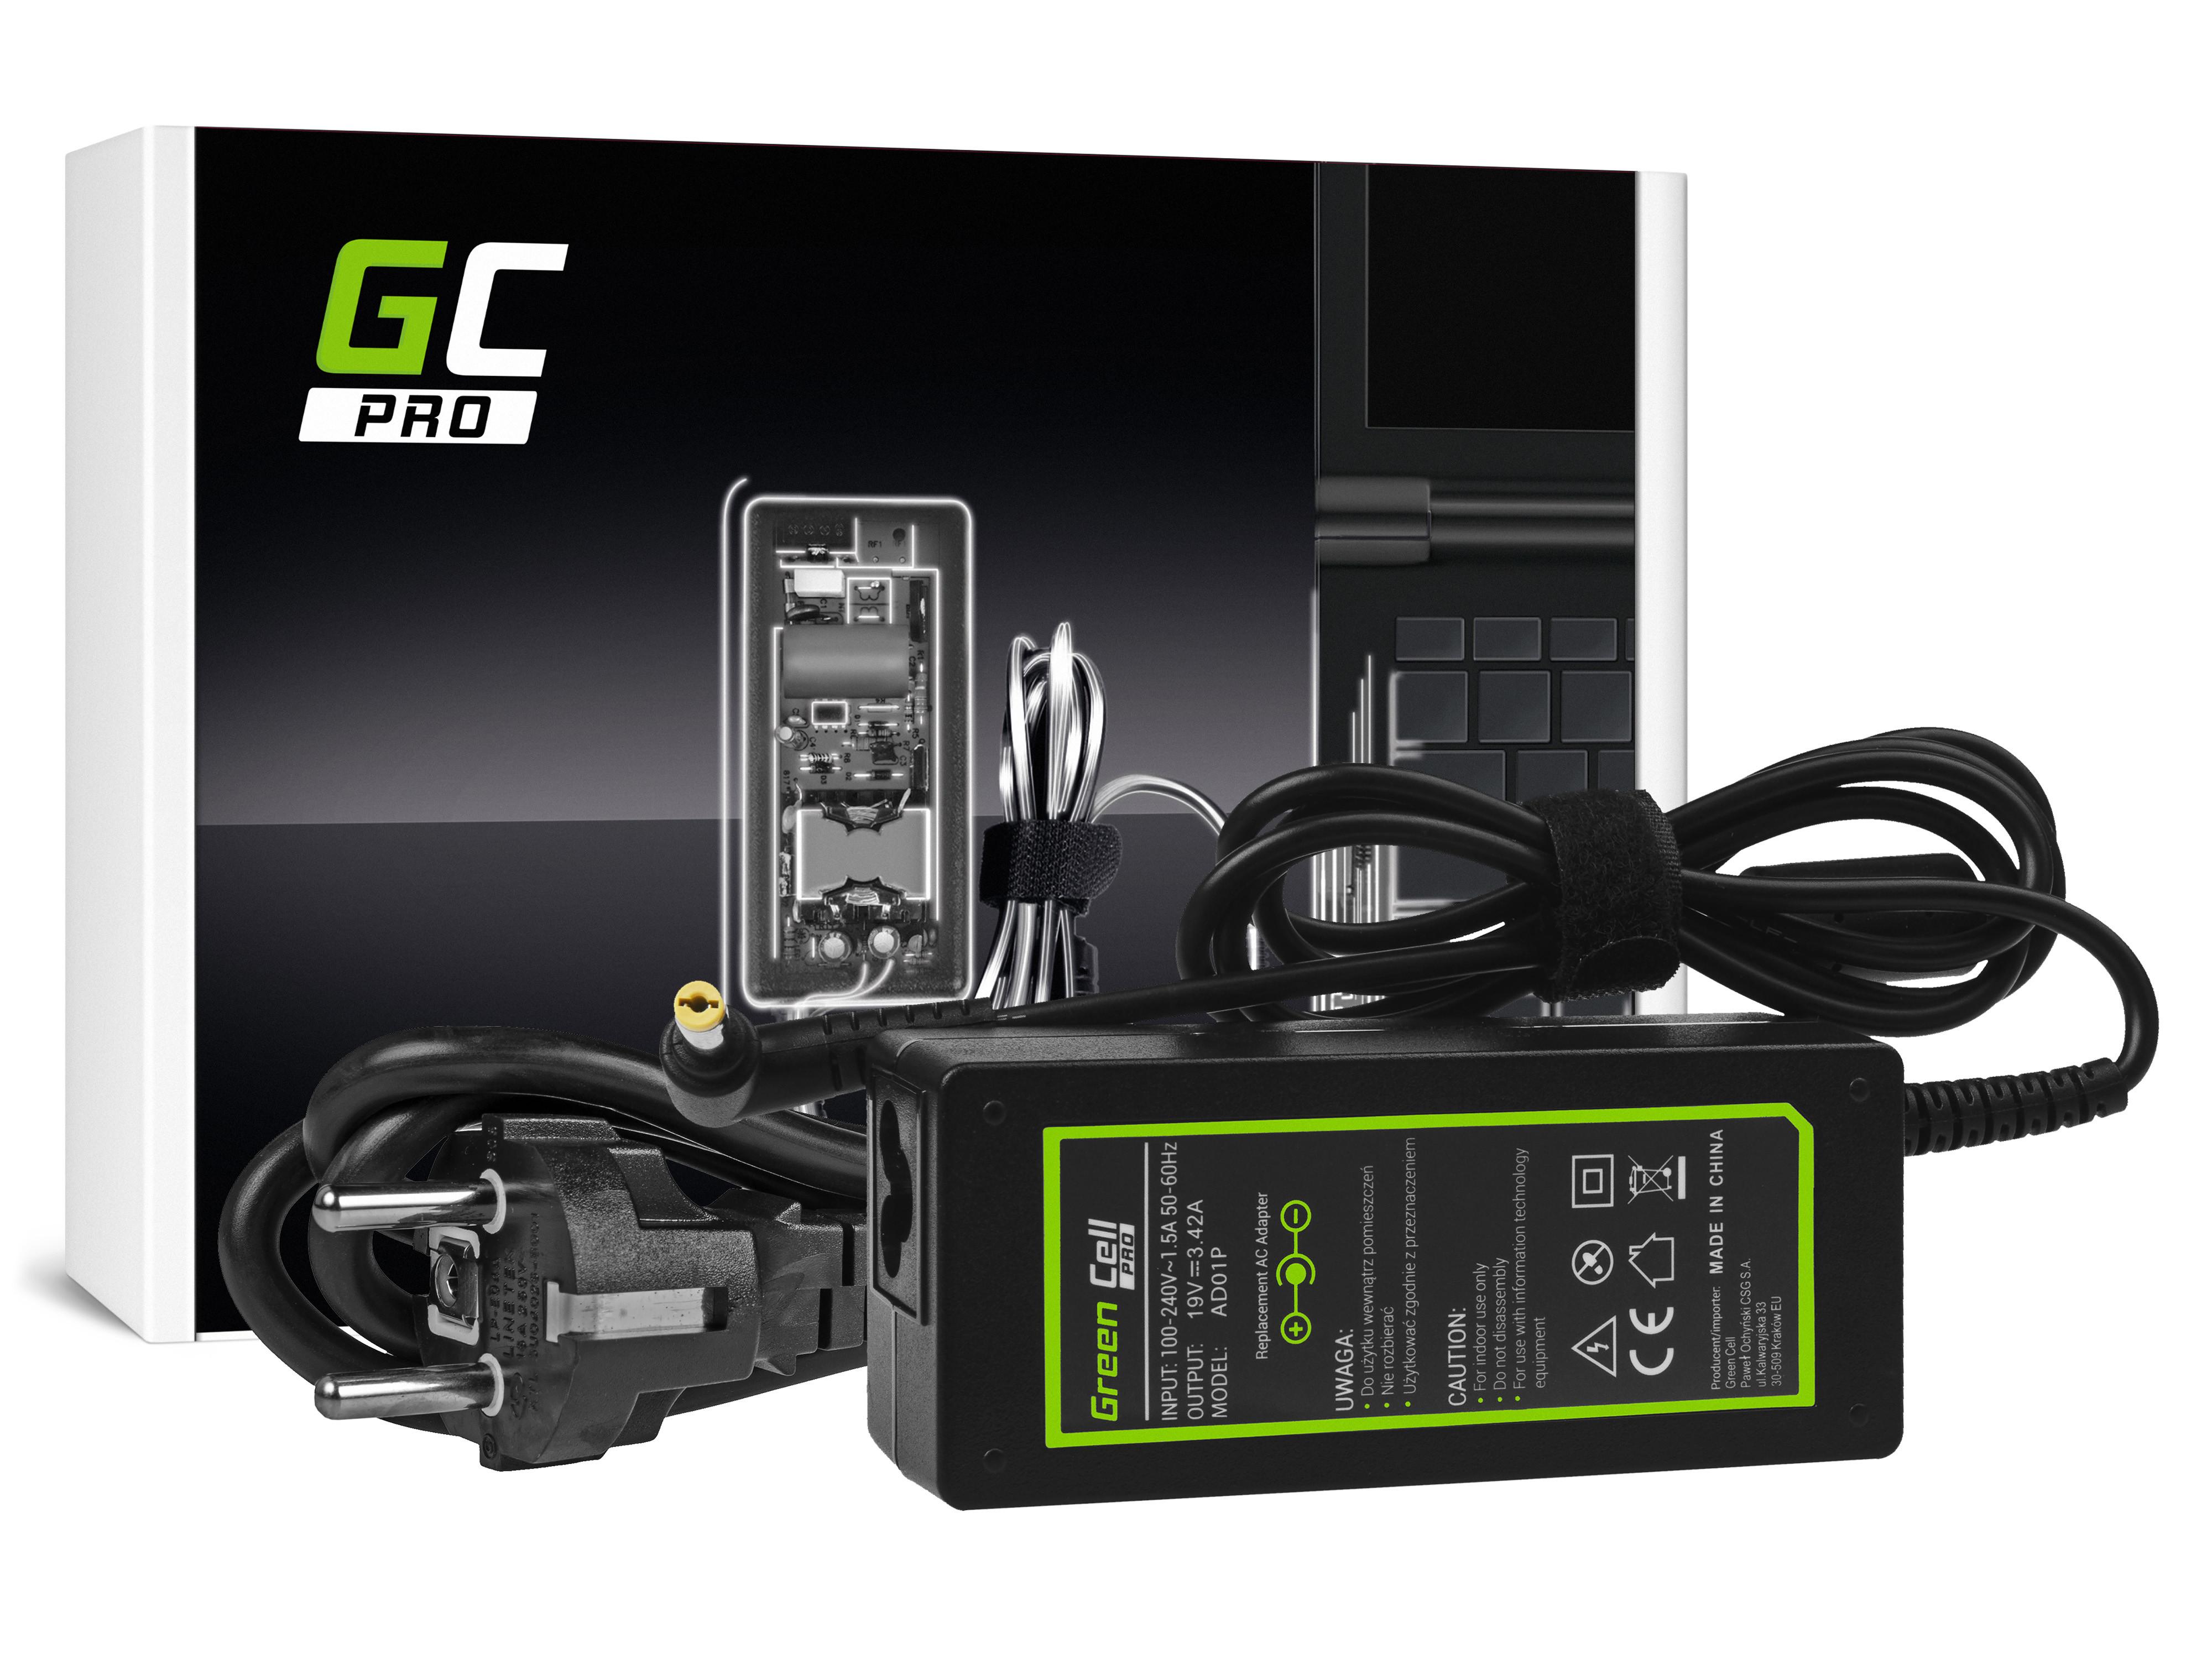 Zasilacz Ładowarka Green Cell PRO do Acer Aspire E1-521 E1-531 E1-571 Aspire 2000 5741 5742 19V 3.42A